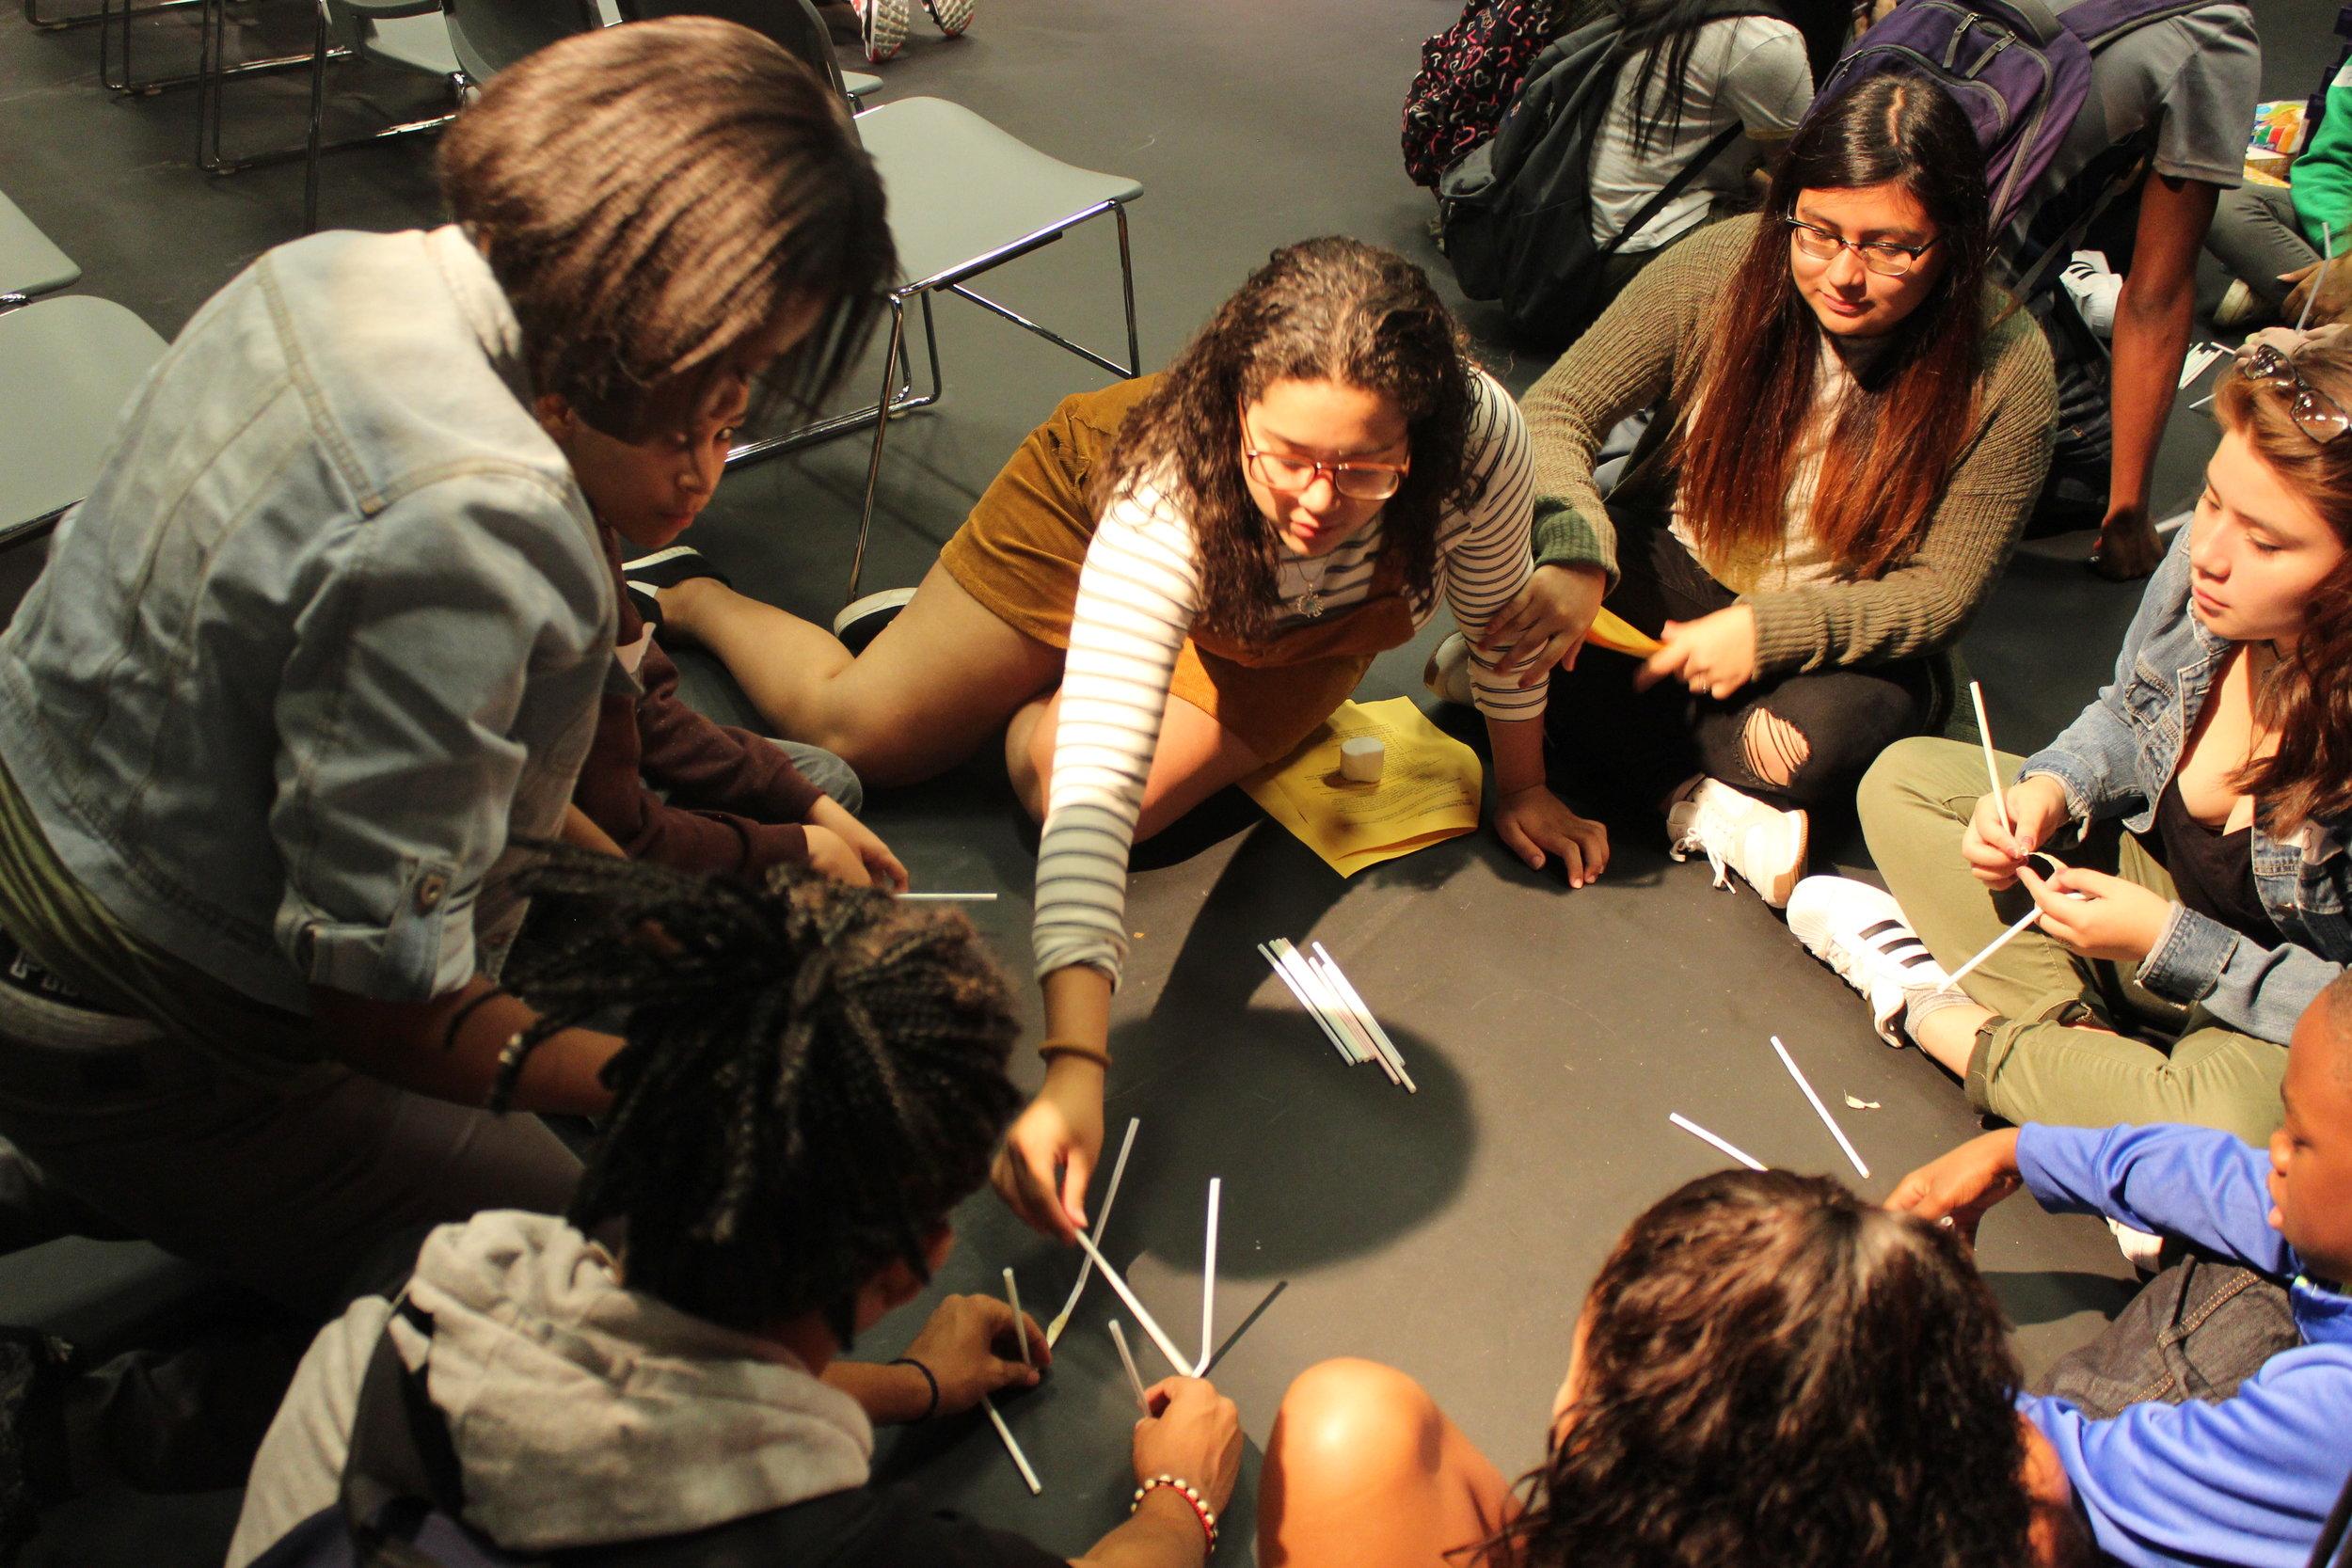 Alumni Jailine Estrella, center, current NYU freshman, attempts to spread ideas without speaking